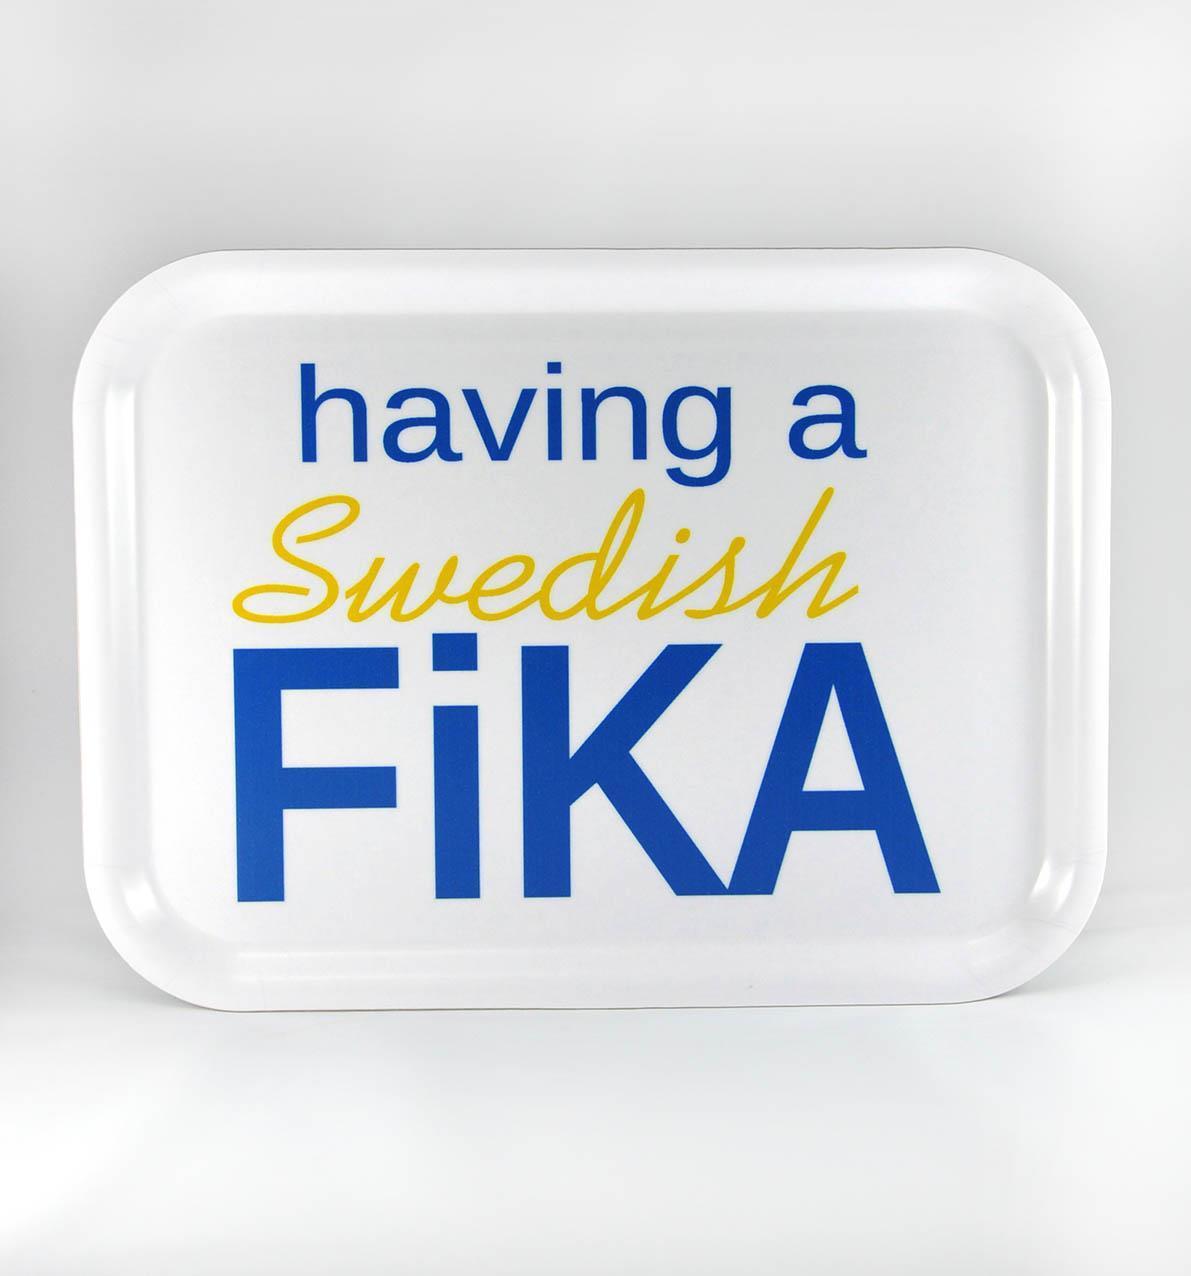 Bricka 27x20 cm, Swedish Fika, vit/blå-gul text